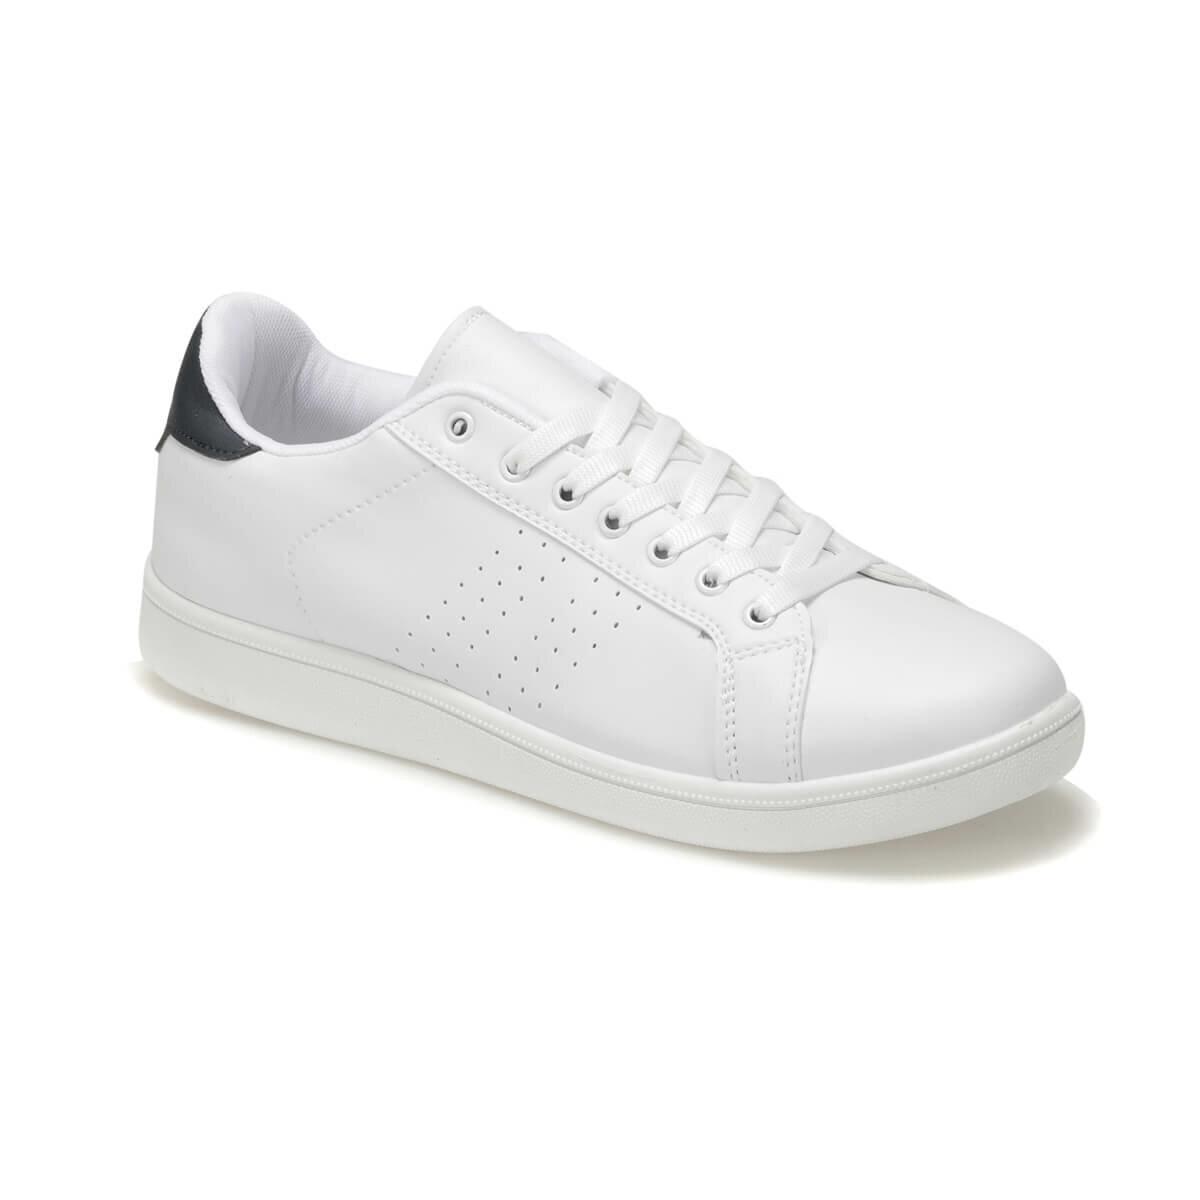 FLO TERES 9PR White Men 'S Sneaker Shoes Torex